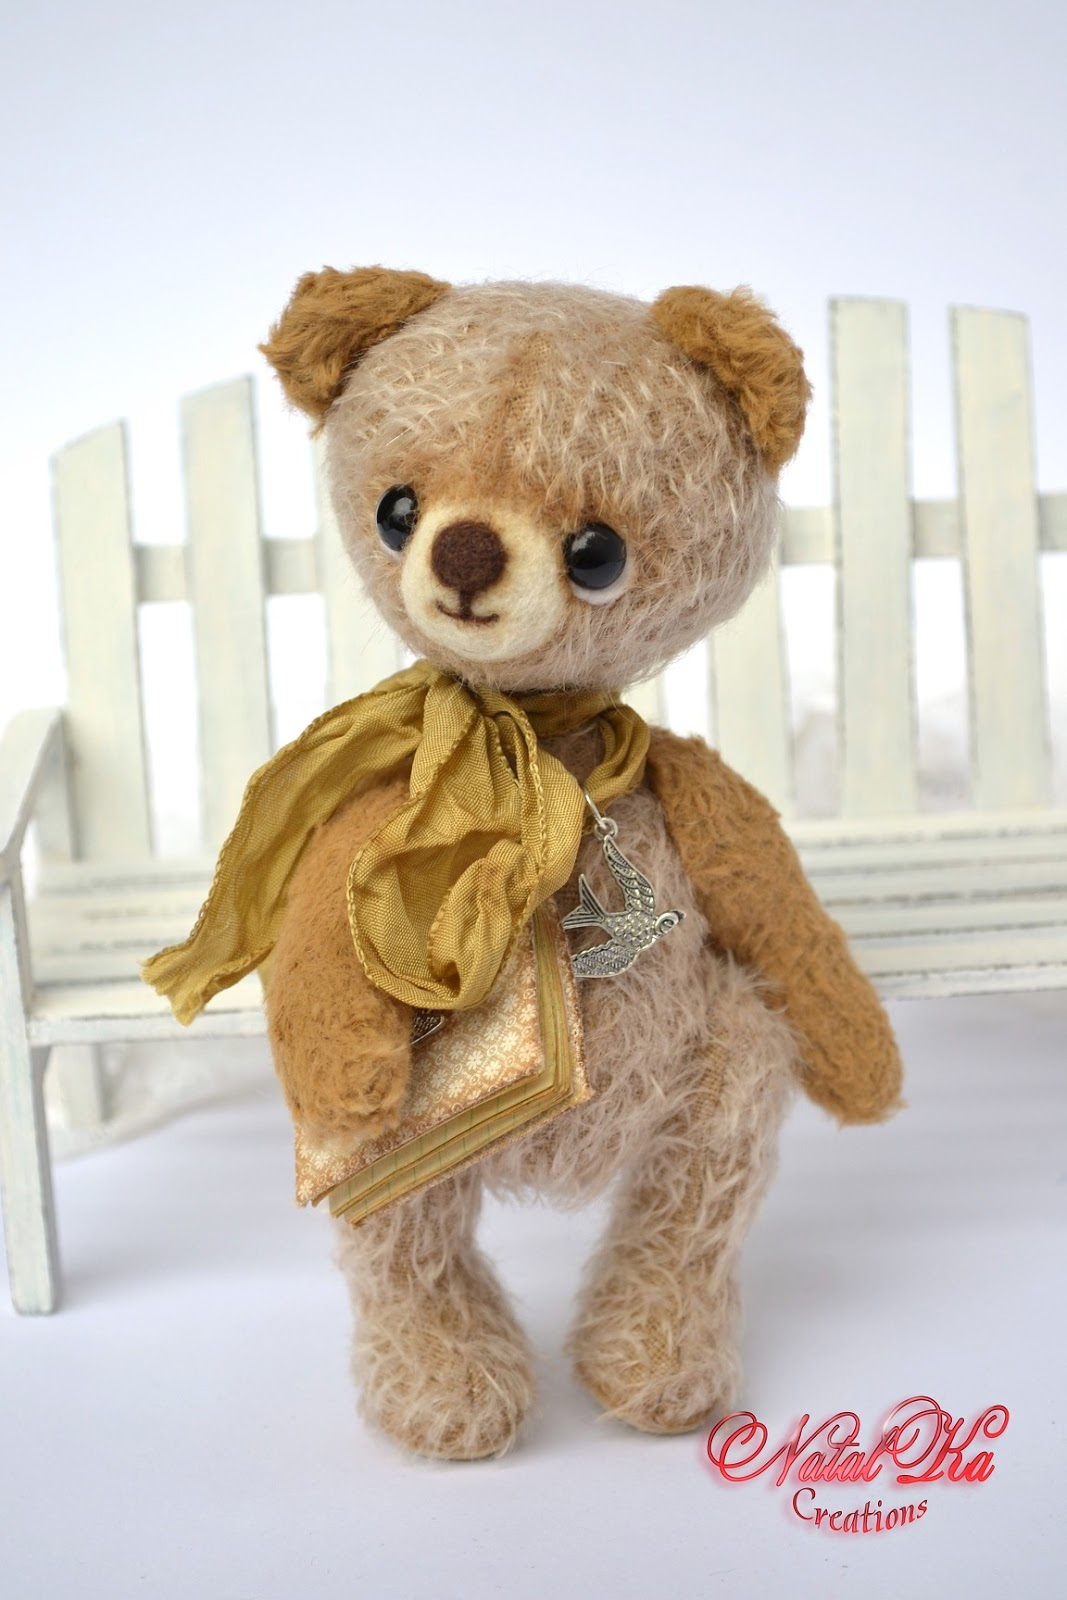 Künstlerbär Bär Teddybär Teddy handgemacht in vintage Look von NatalKa Creations. Авторский мишка тедди медведь медвежонок в винтажном стиле ручной работы от NatalKa Creations